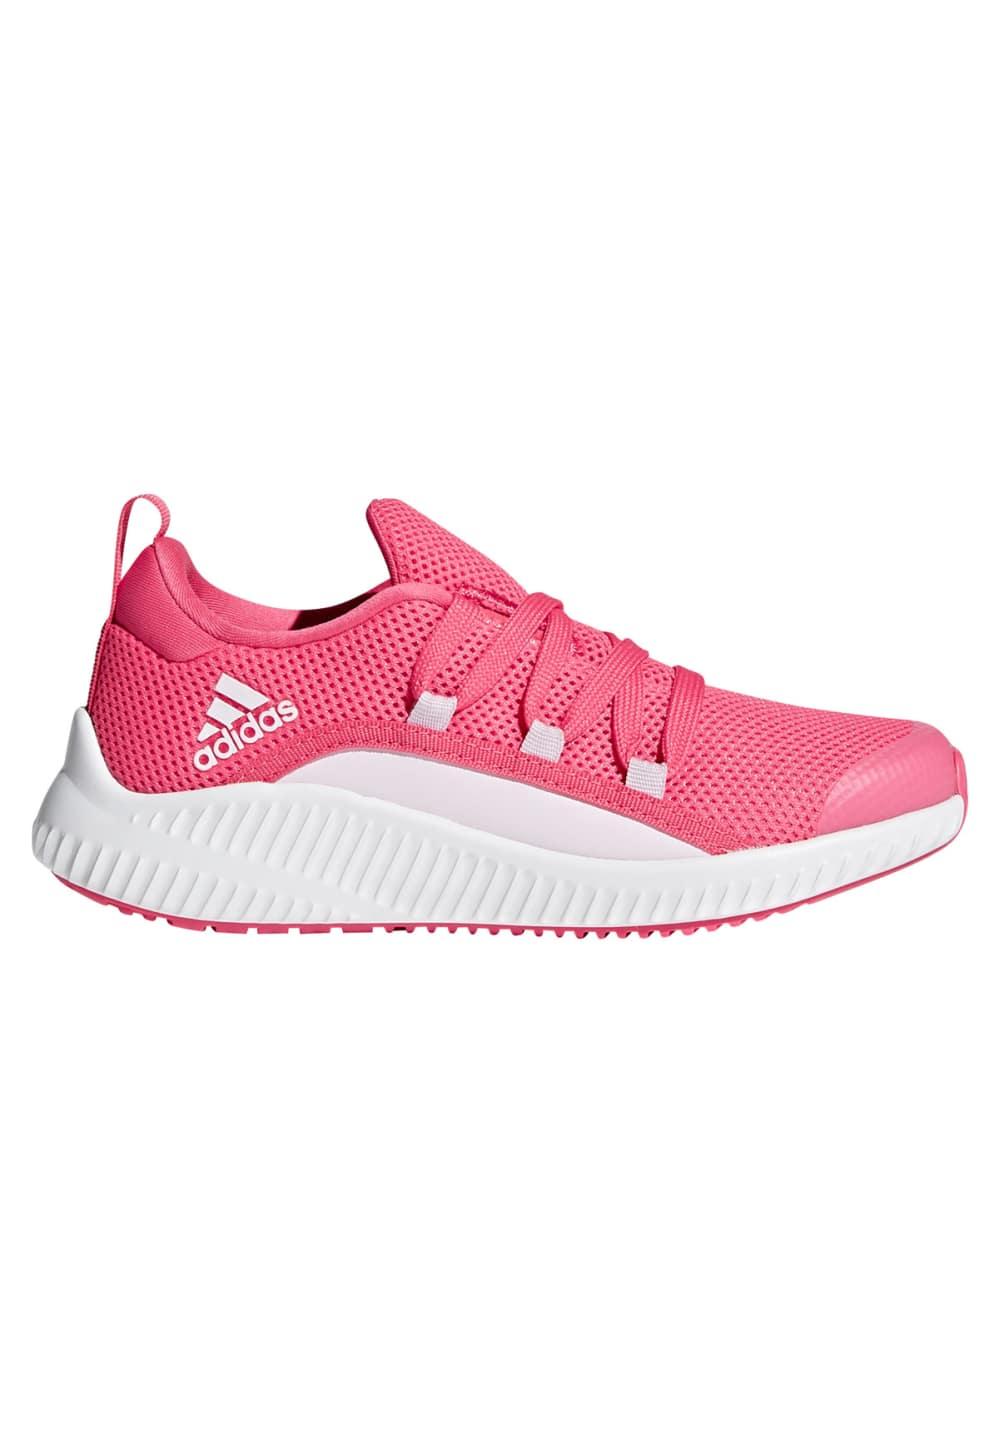 adidas lauf schuhe pink